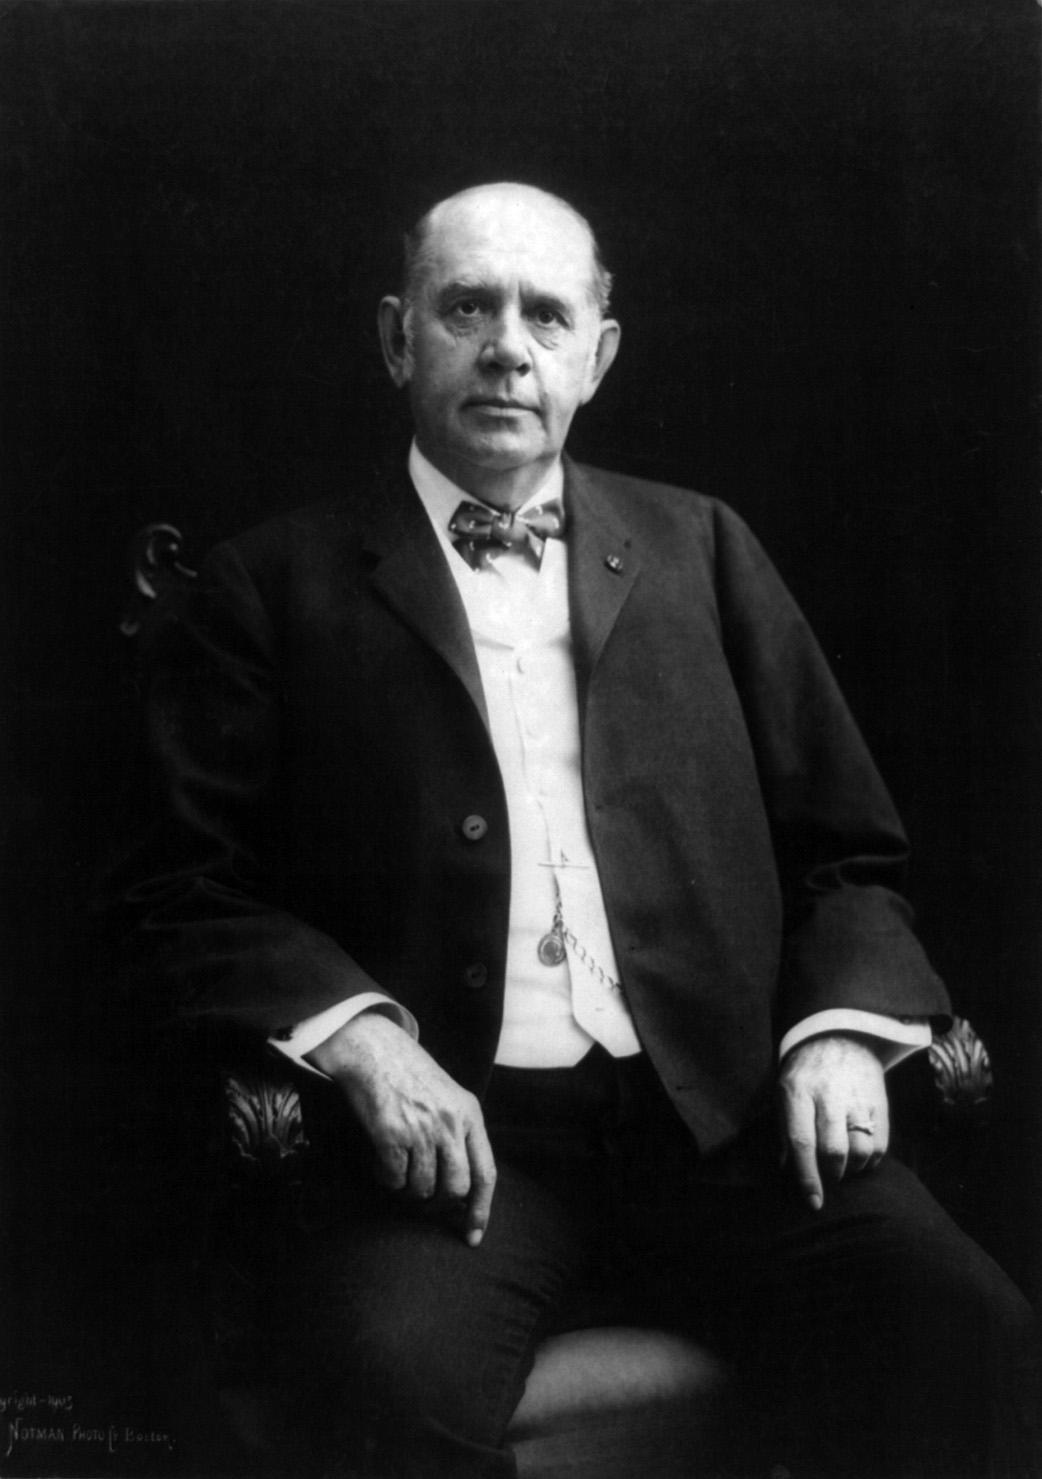 john d rockefeller net worth 1900